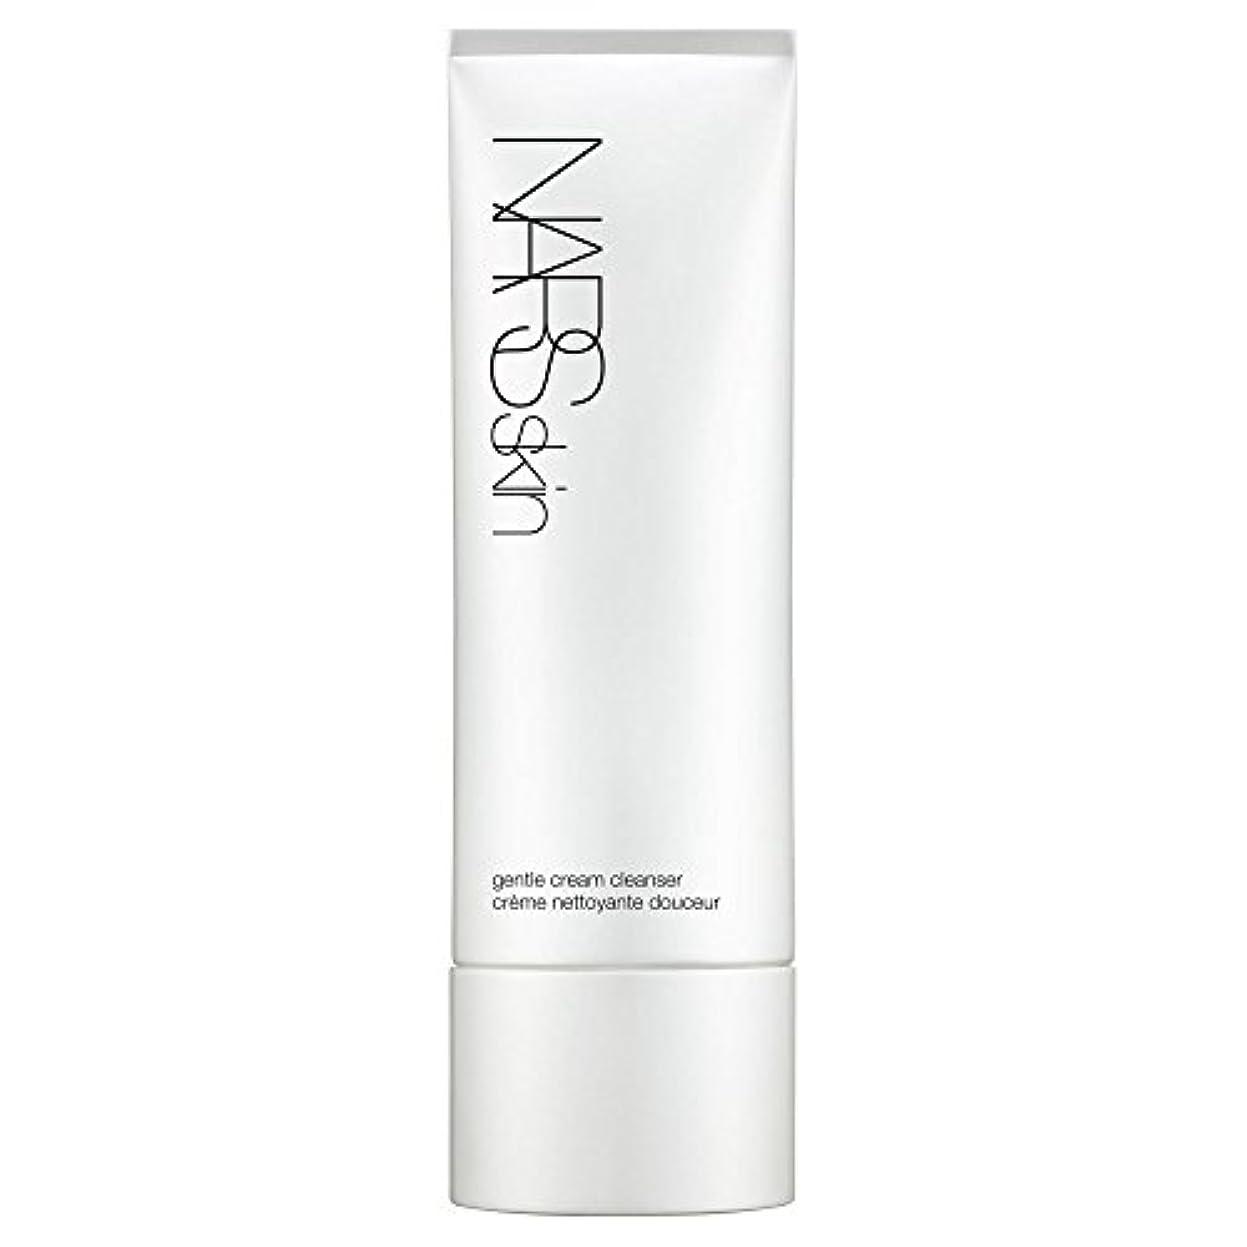 毛細血管免除誓約[NARS] Narsskin優しいクリームクレンザー、125ミリリットル - Narsskin Gentle Cream Cleanser, 125ml [並行輸入品]